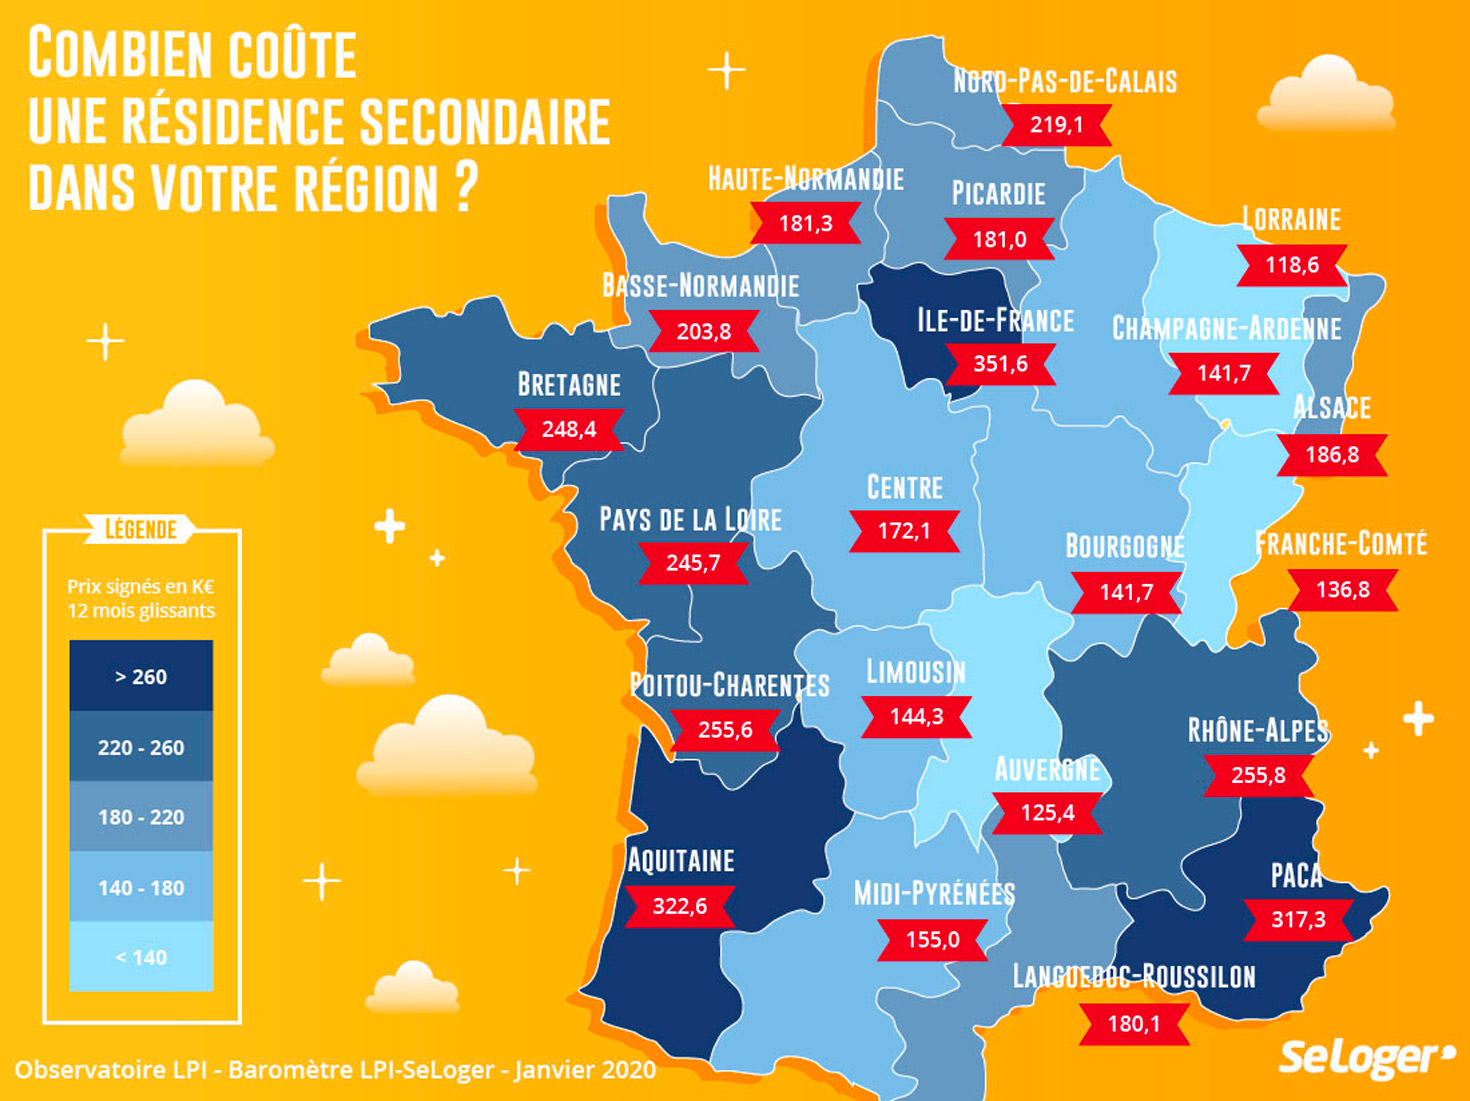 Les Résidences Secondaires Coûtent Plus Cher En Aquitaine Qu dedans Combien De Region En France